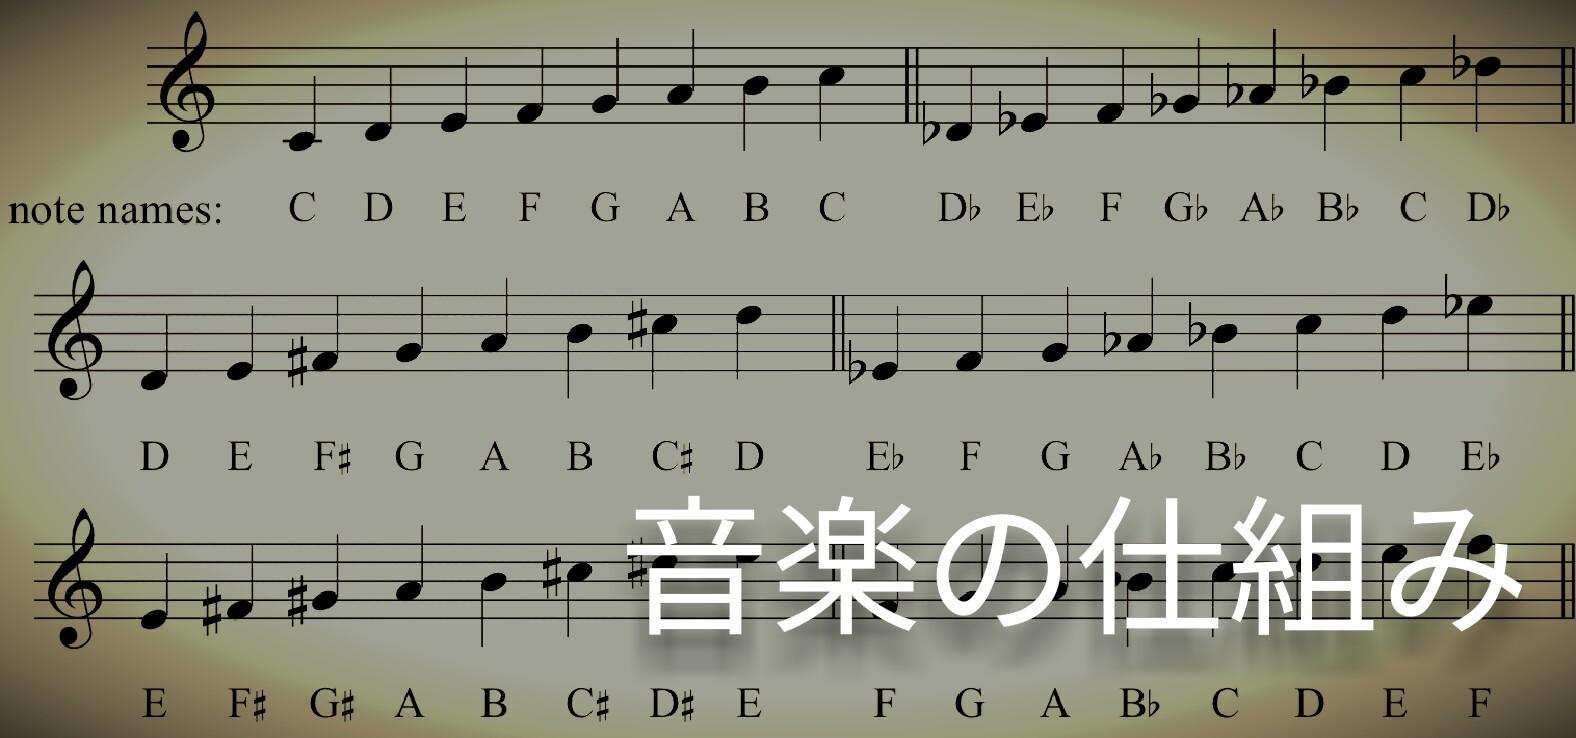 【コラム】音楽の仕組み #3「ダイアトニックコード」 /加度 克紘